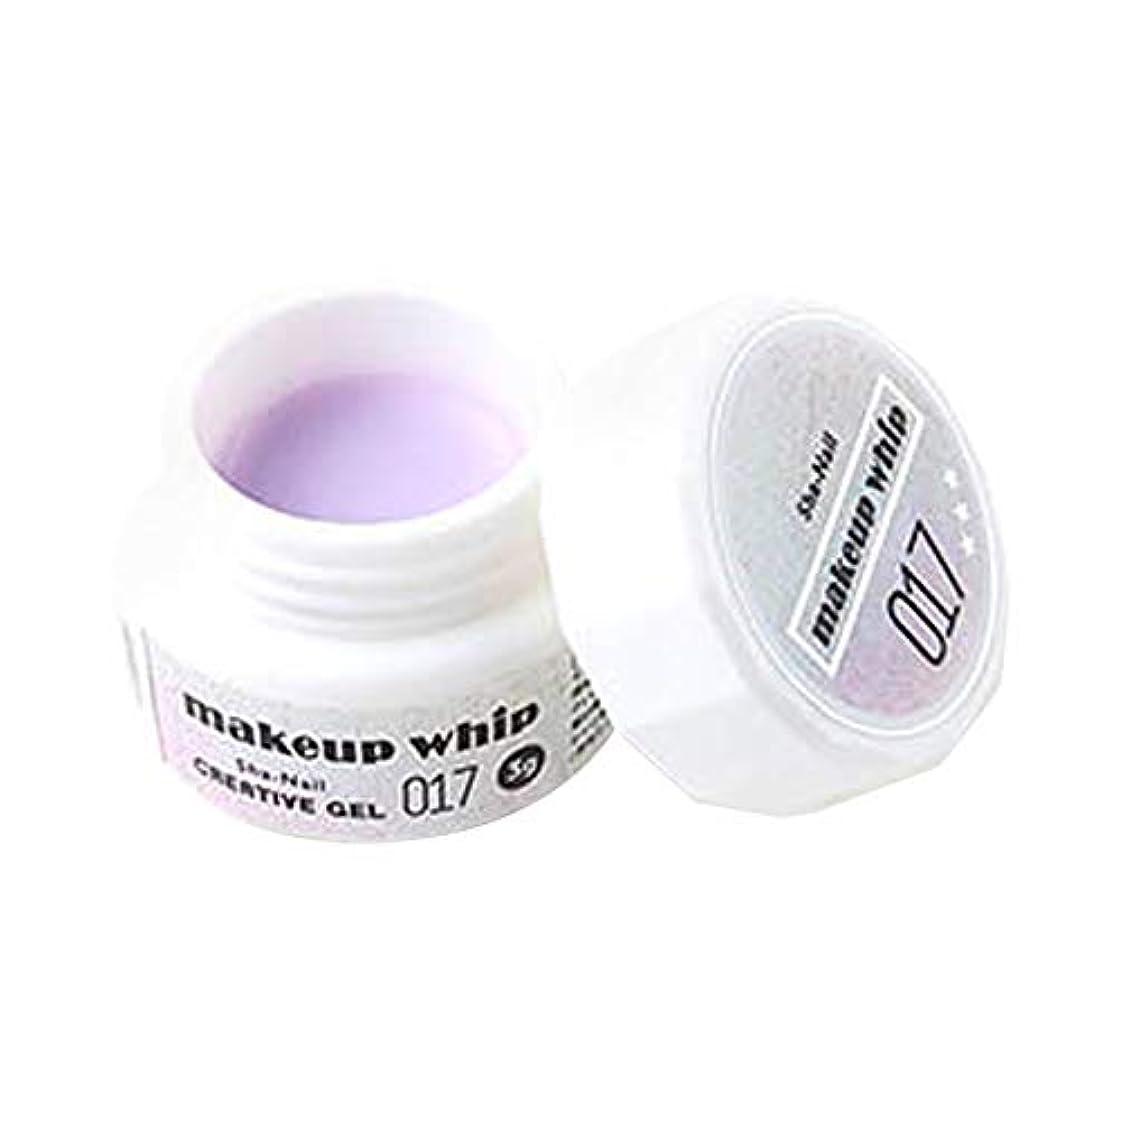 バンケットクリップ埋めるSha-Nail Creative Gel カラージェル 017 オーロラピンク 3g UV/LED対応